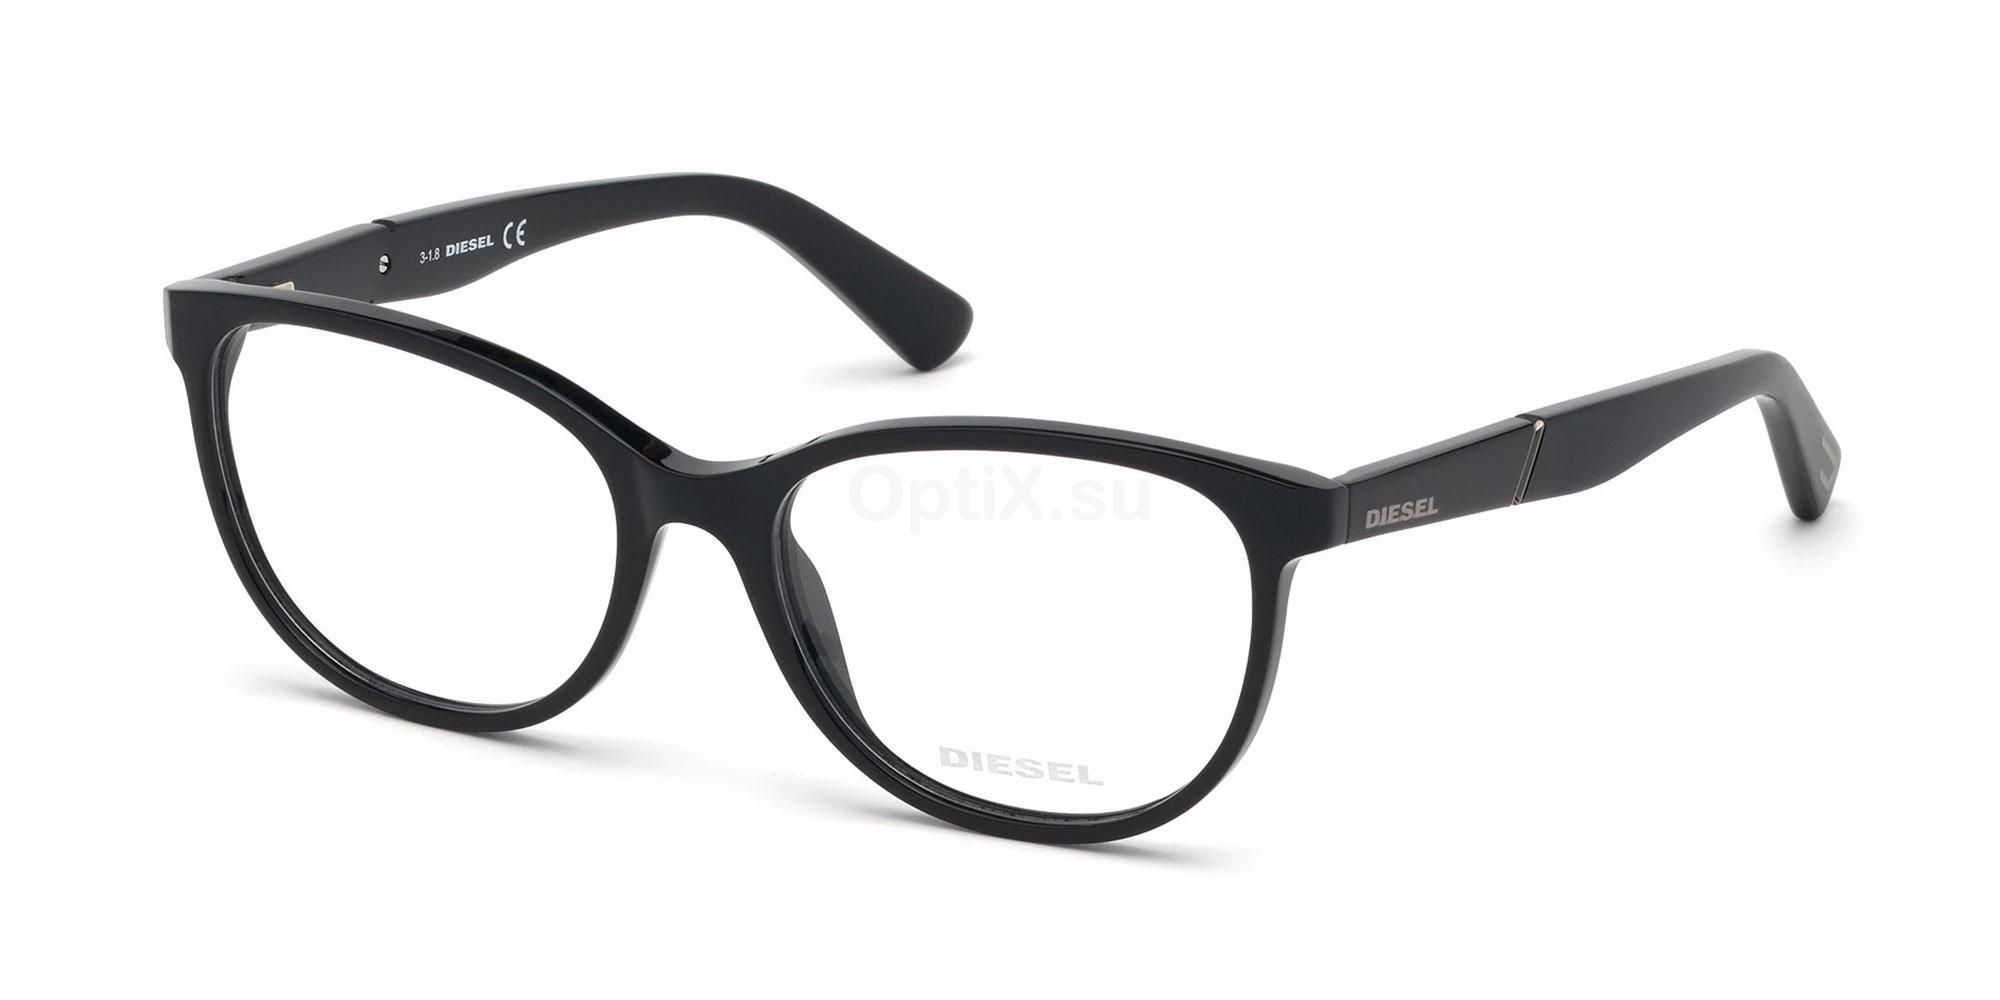 001 DL5291 Glasses, Diesel